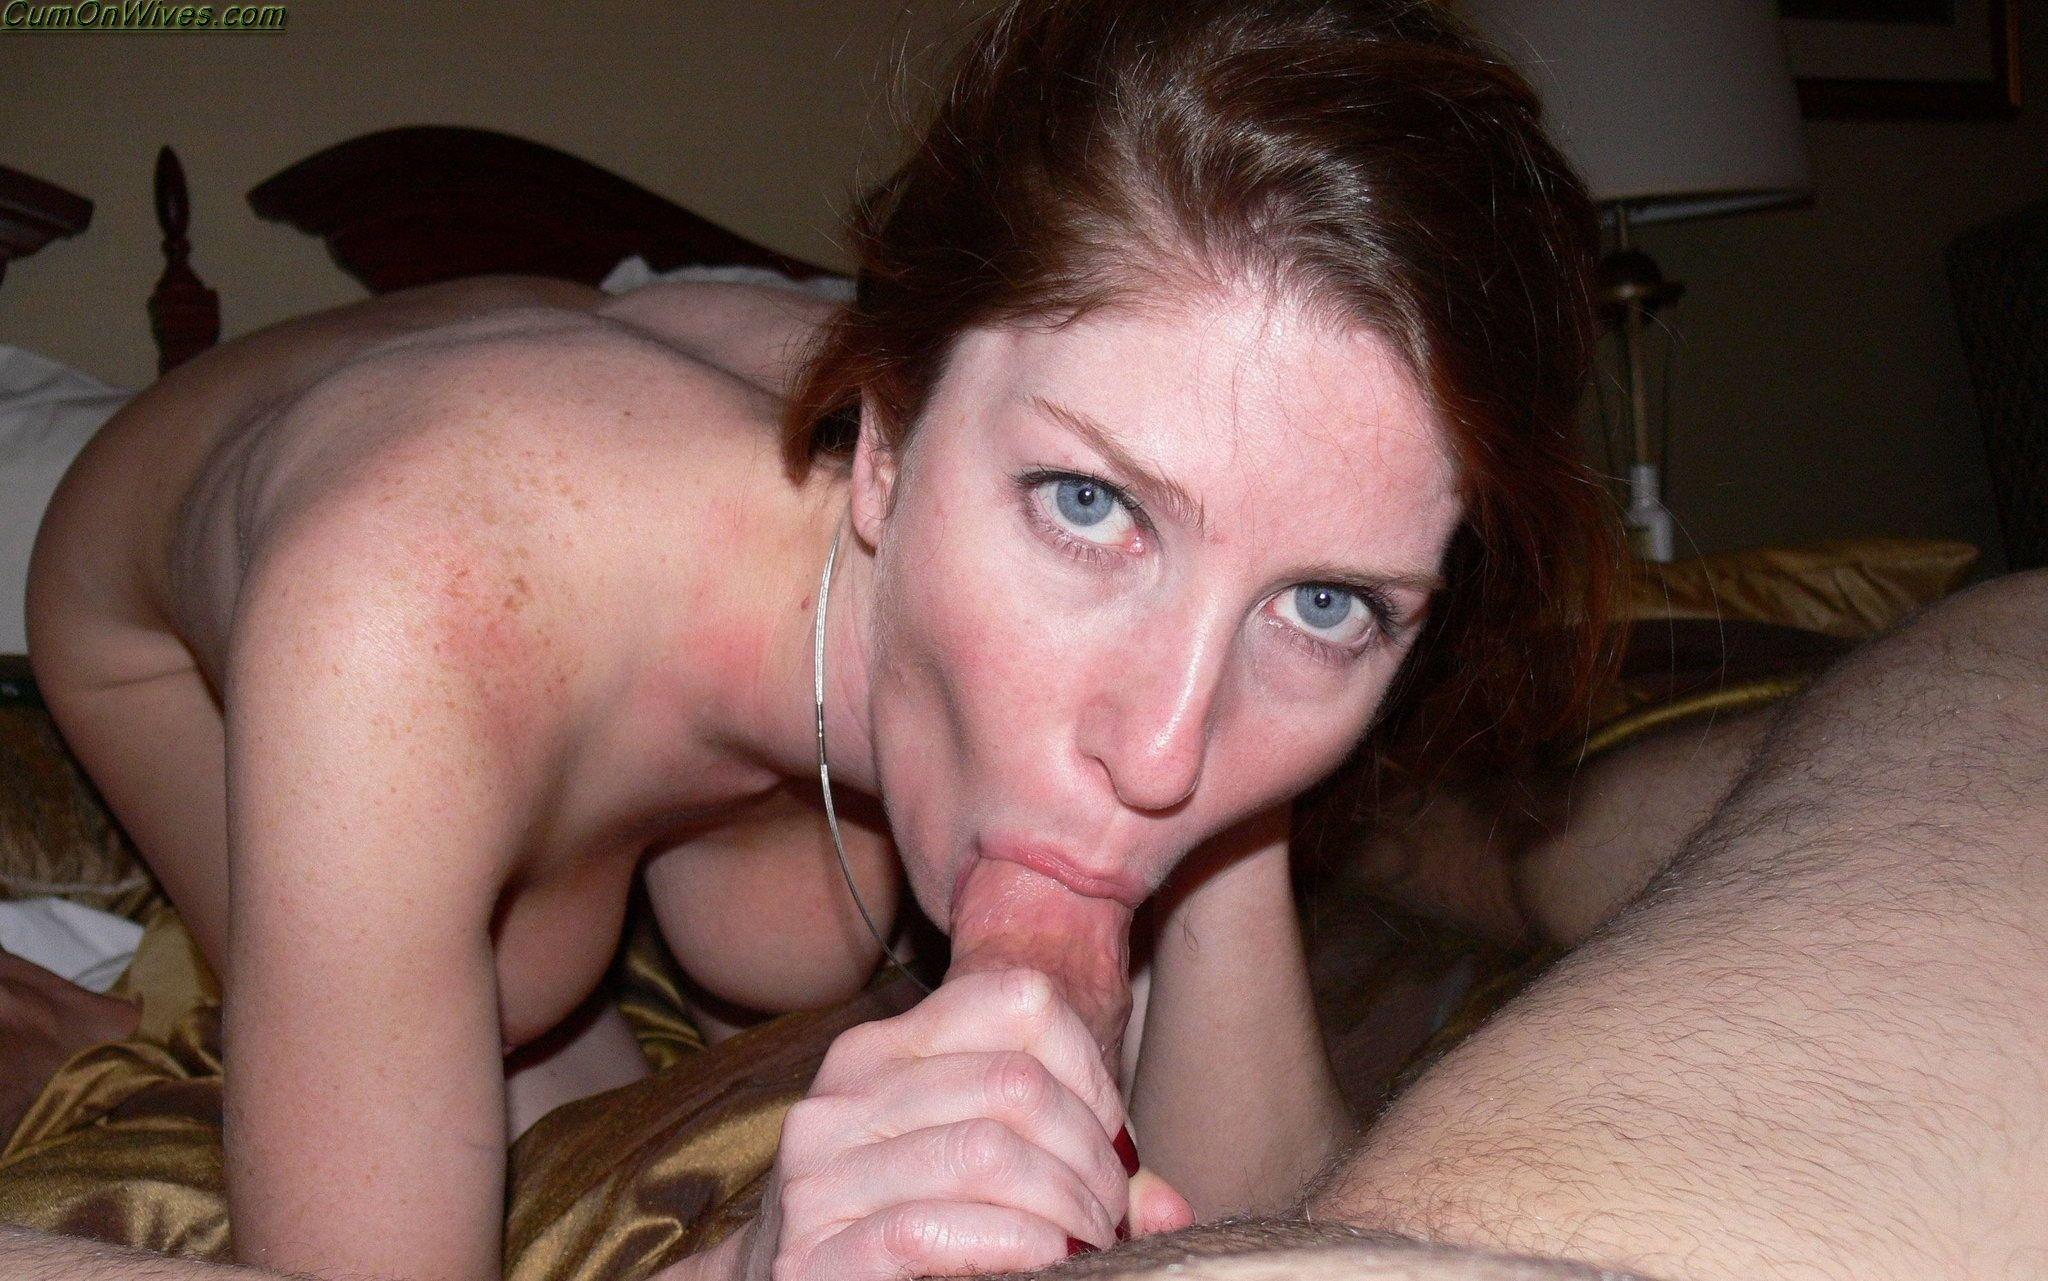 Amateur Home Porn sexy mom captions home made videos homemade porn free